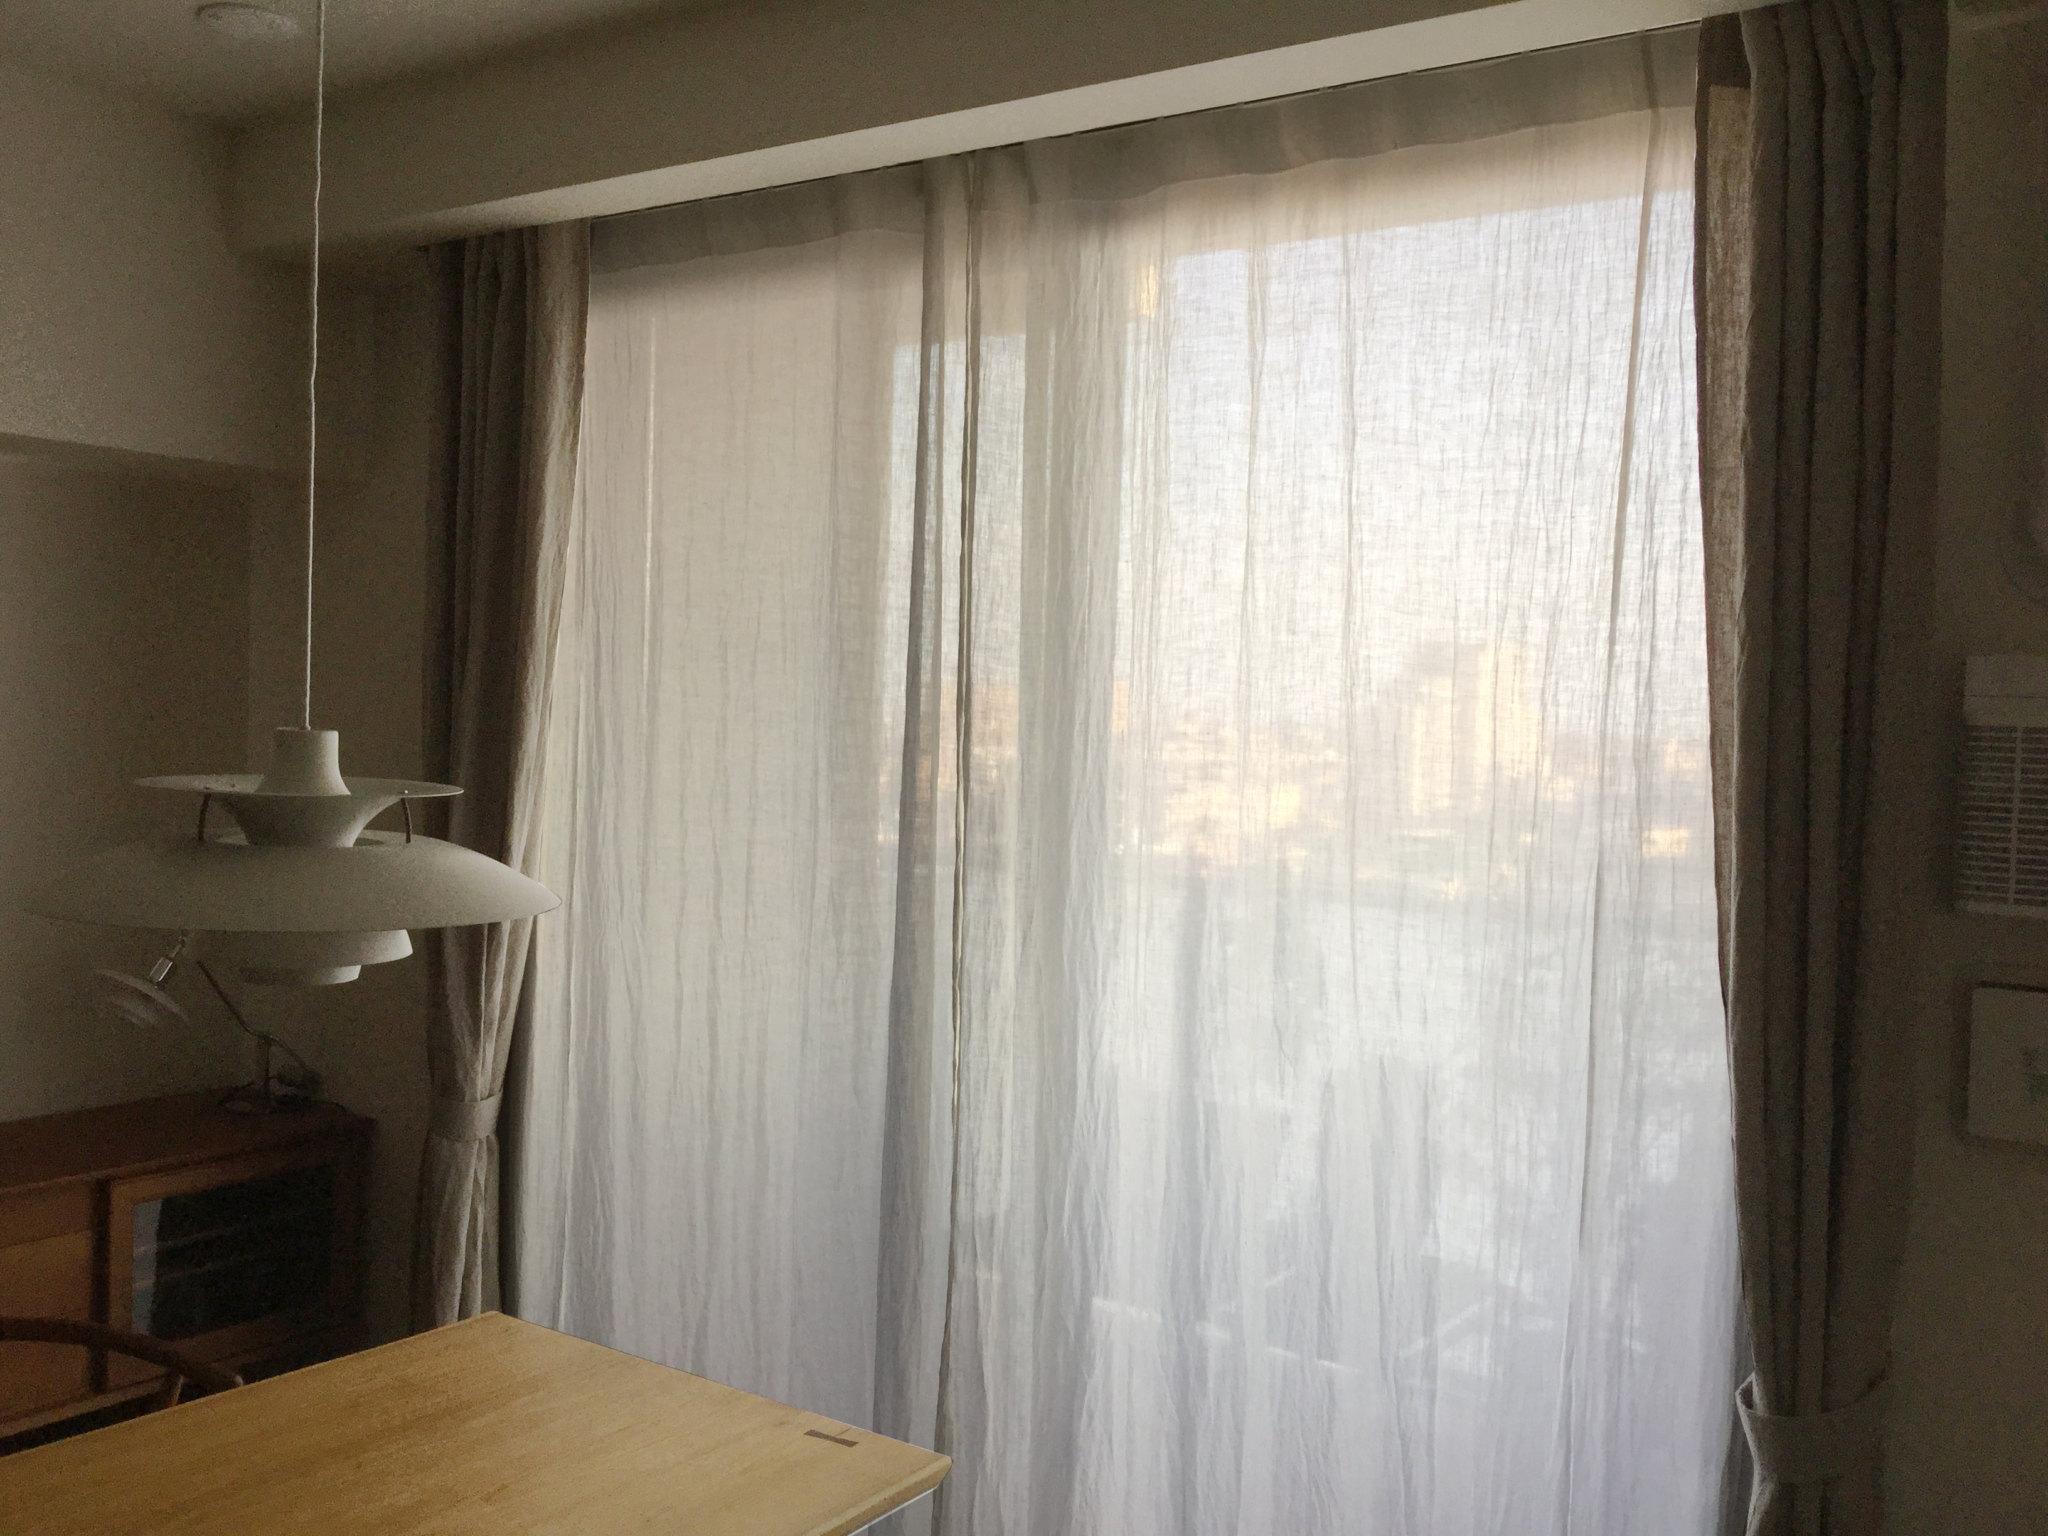 宮城県仙台市] 北欧インテリアに合うリネンカーテン | リネンカーテン